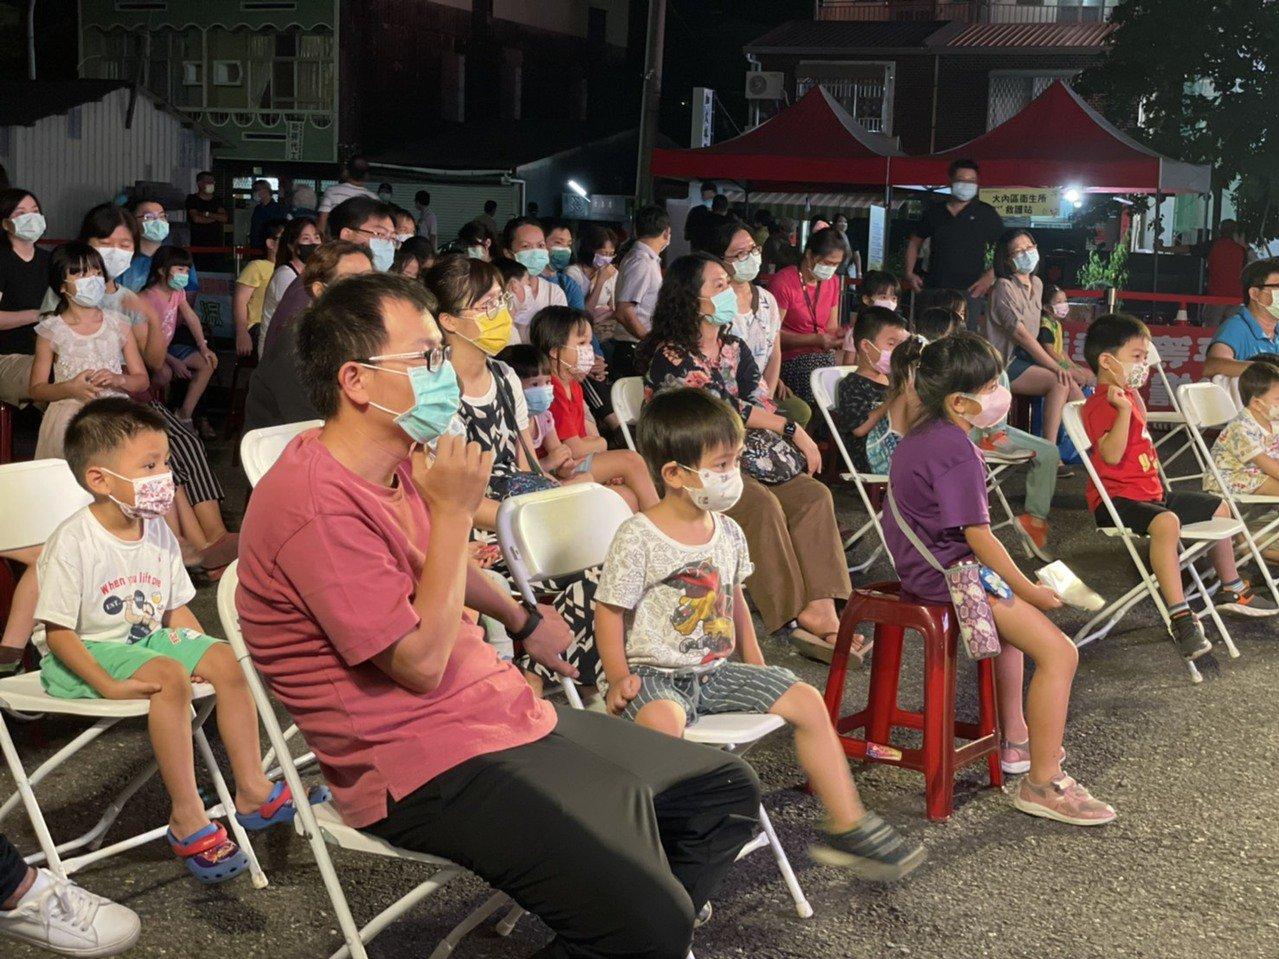 疫情降級台南推出走透透藝文演出,首場昨晚大內區登場。圖/大內區公所提供